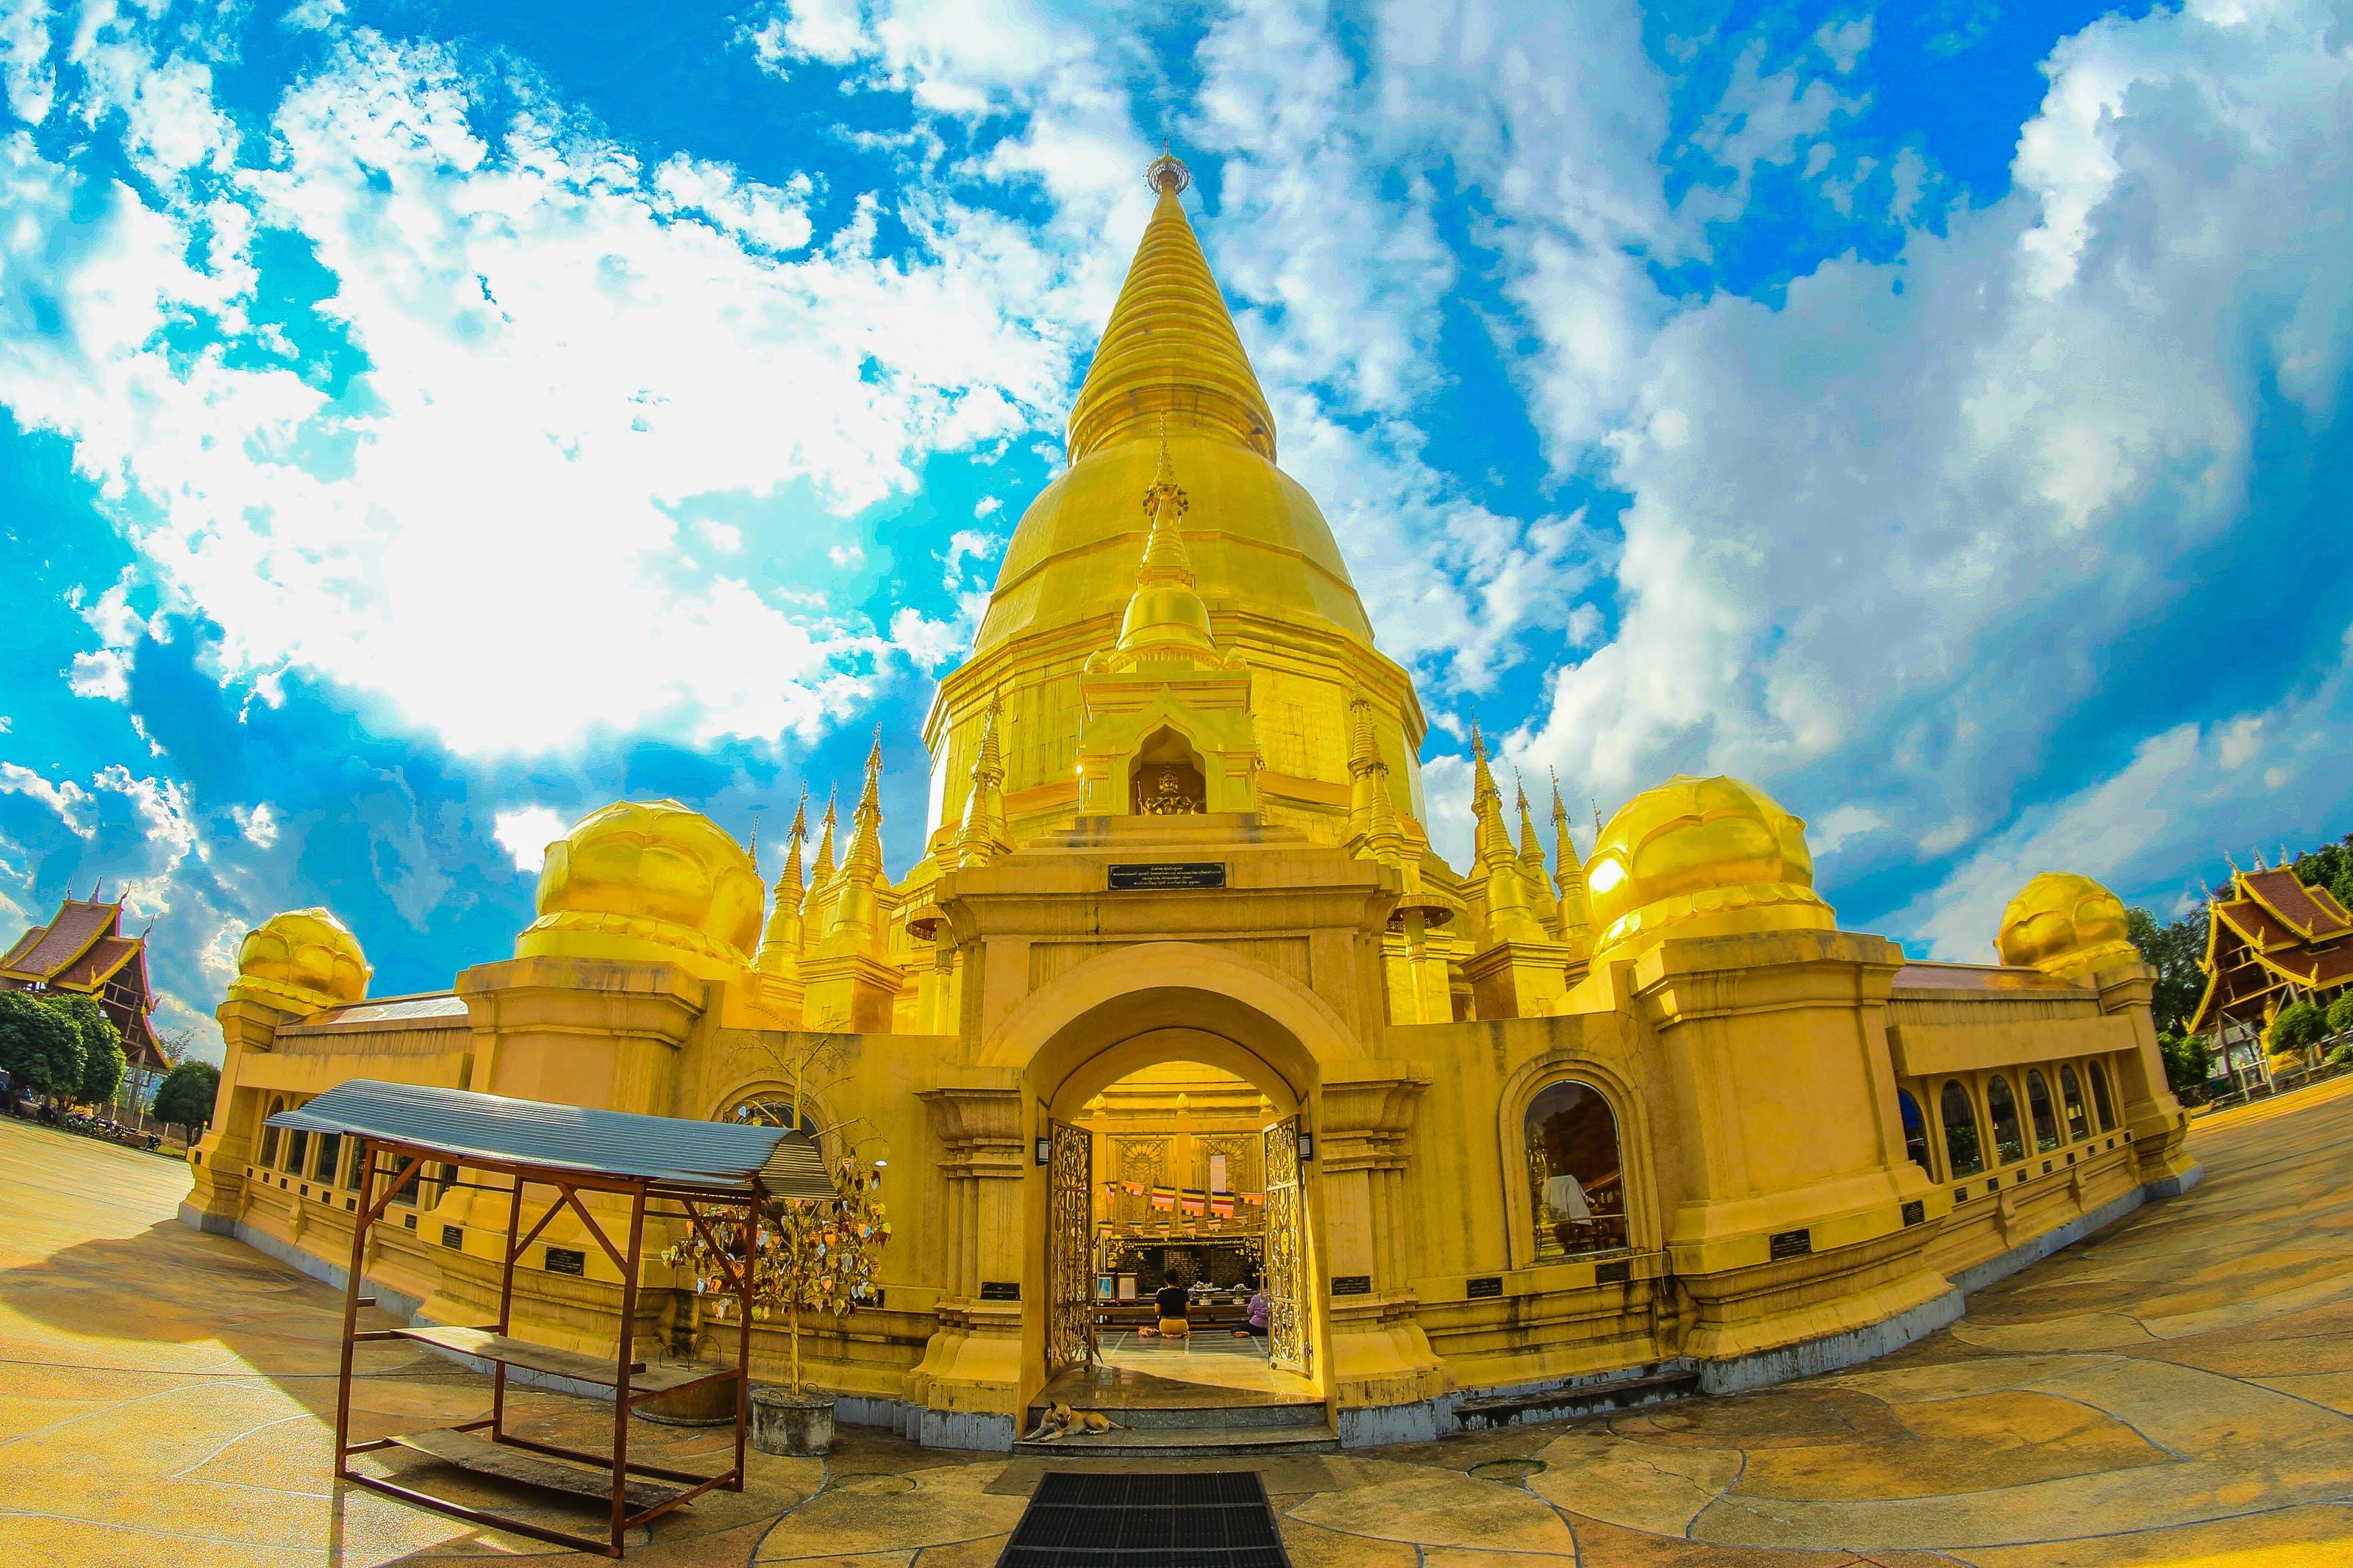 Kostenloses Stock Foto zu architektur, buddhistischer tempel, draußen, gold